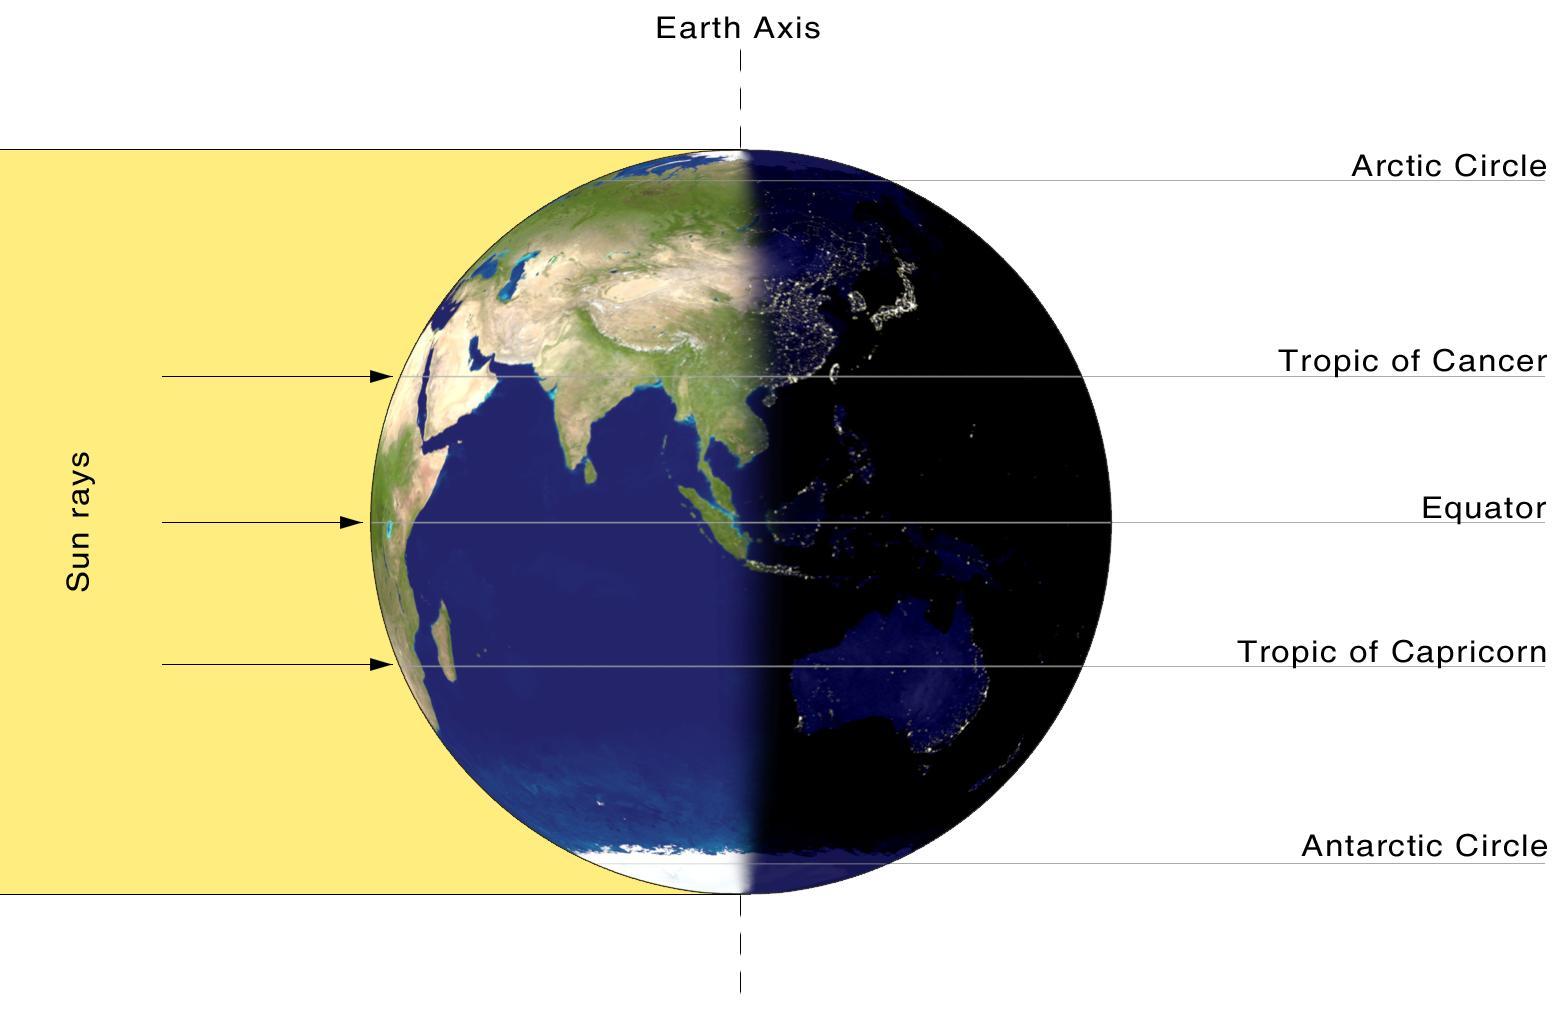 El 23 de septiembre iniciará el Equinoccio de Otoño